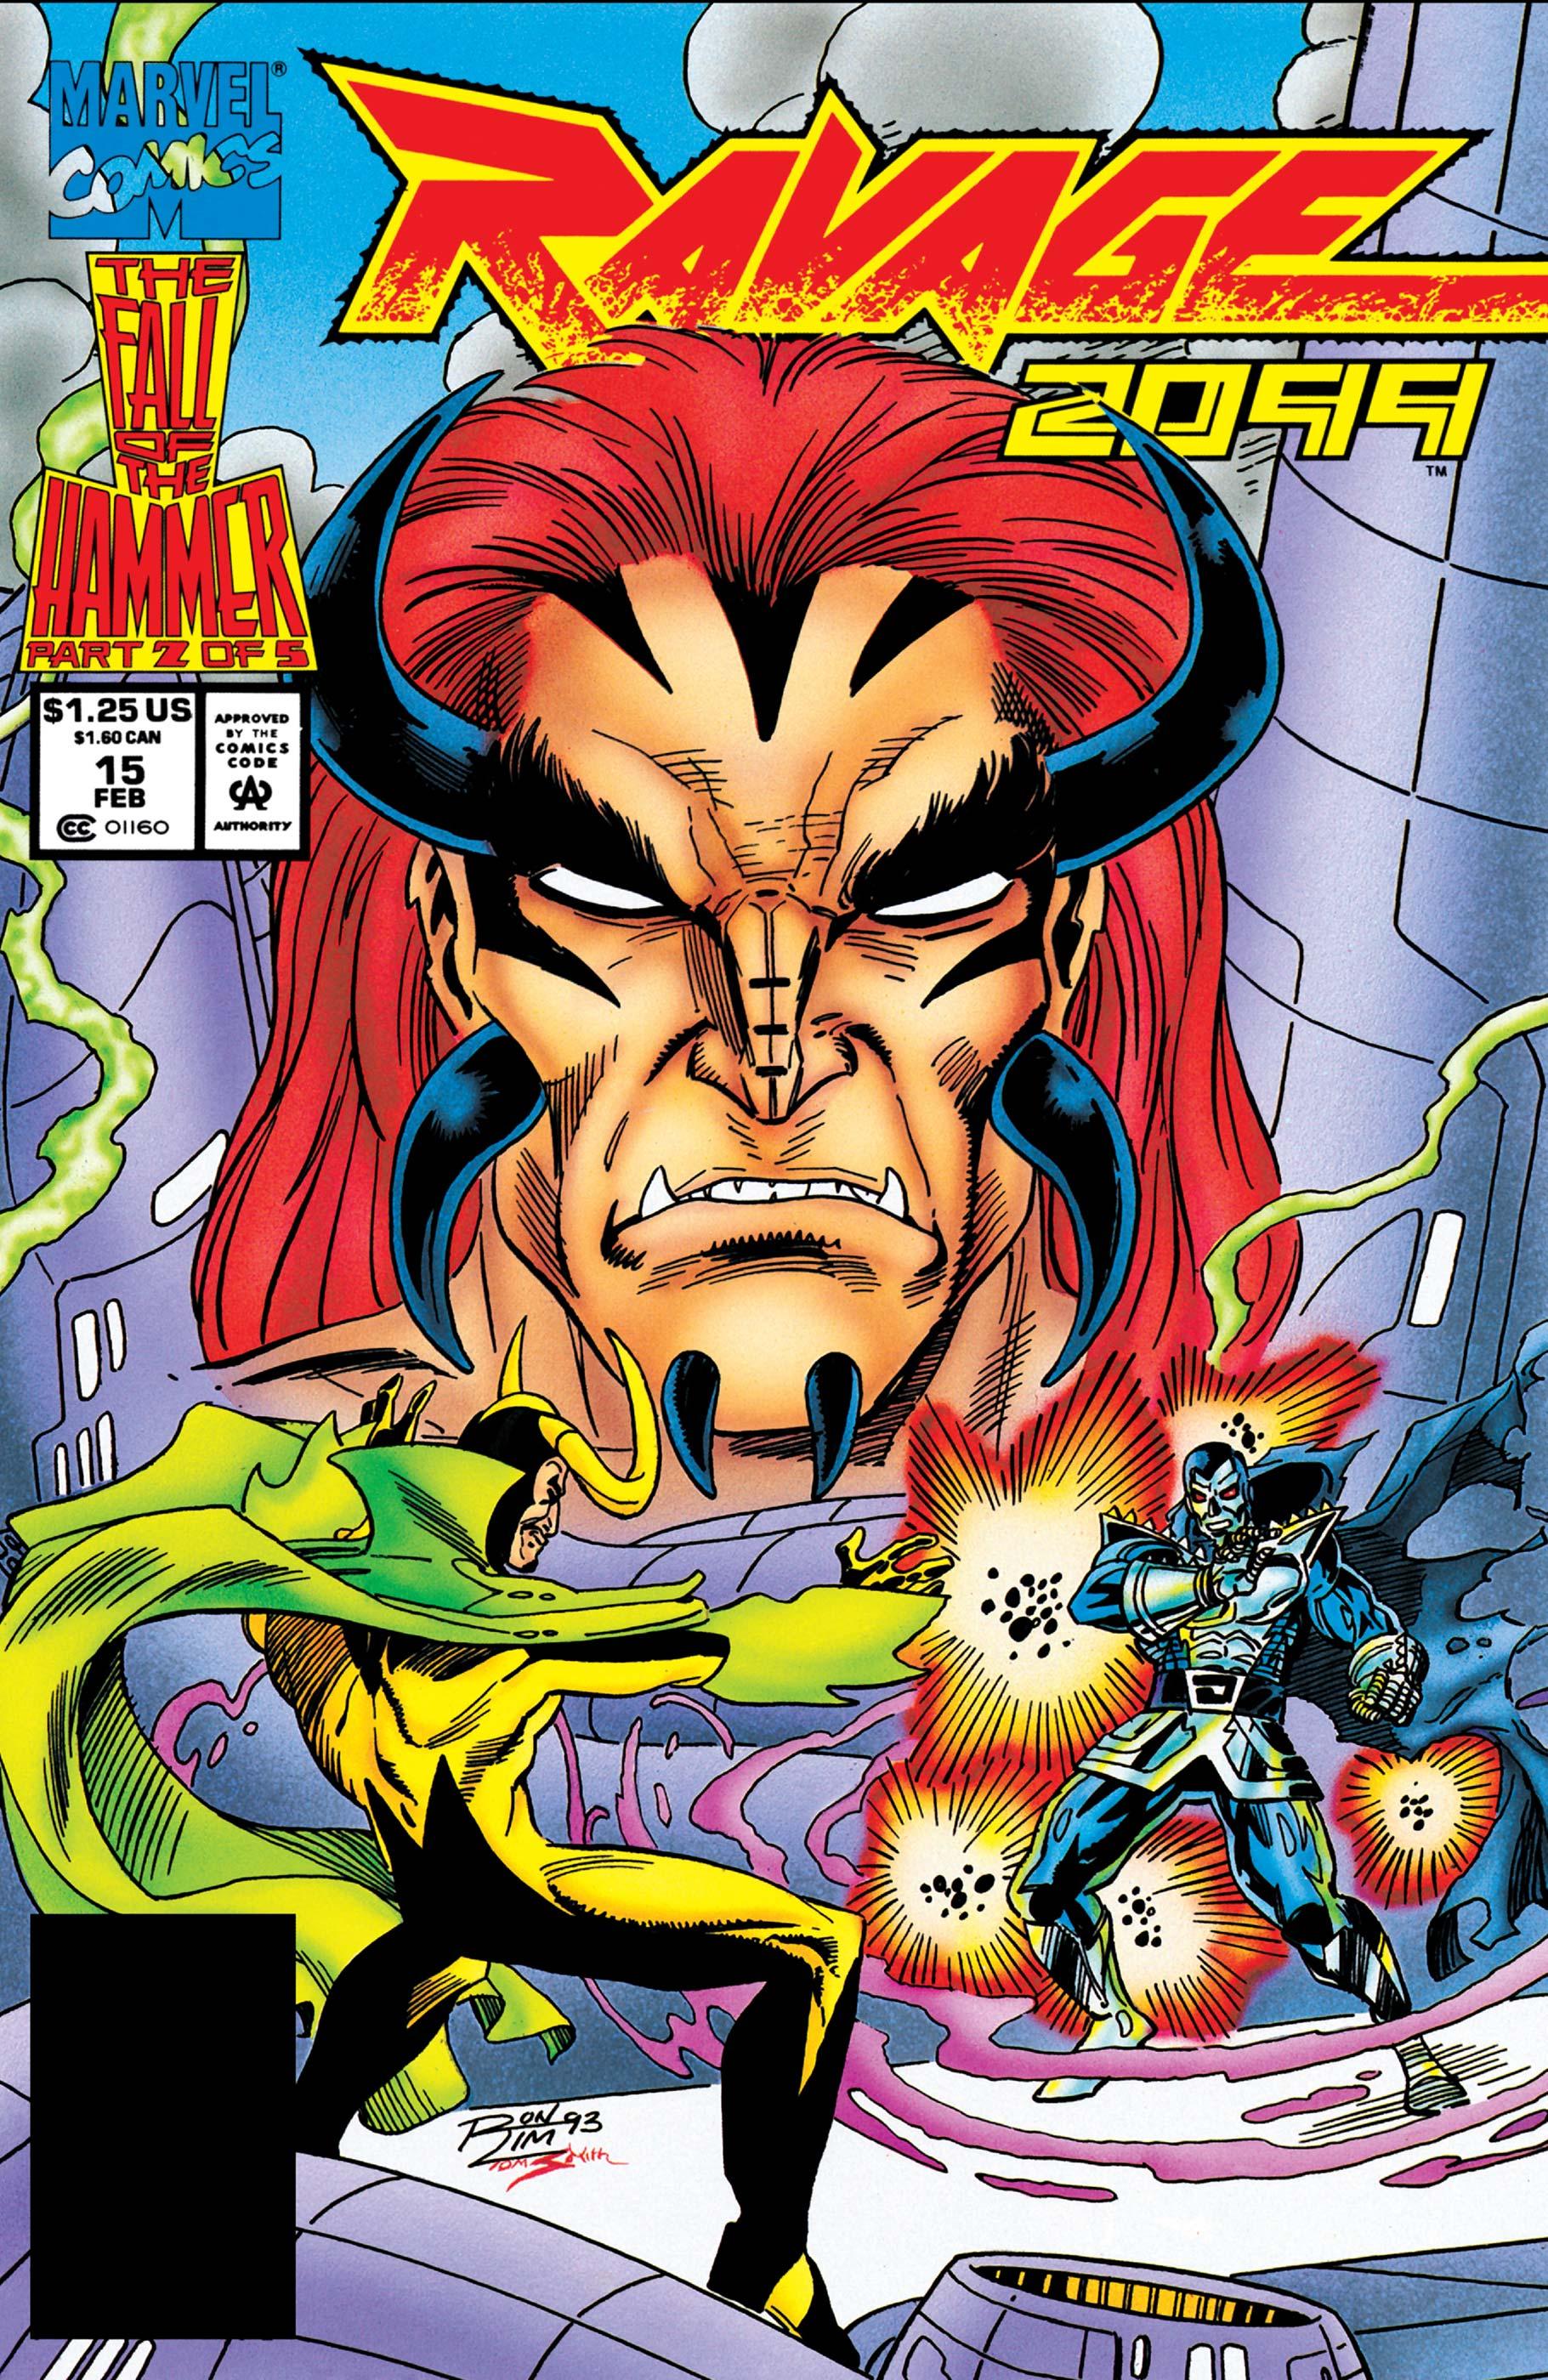 Ravage 2099 (1992) #15